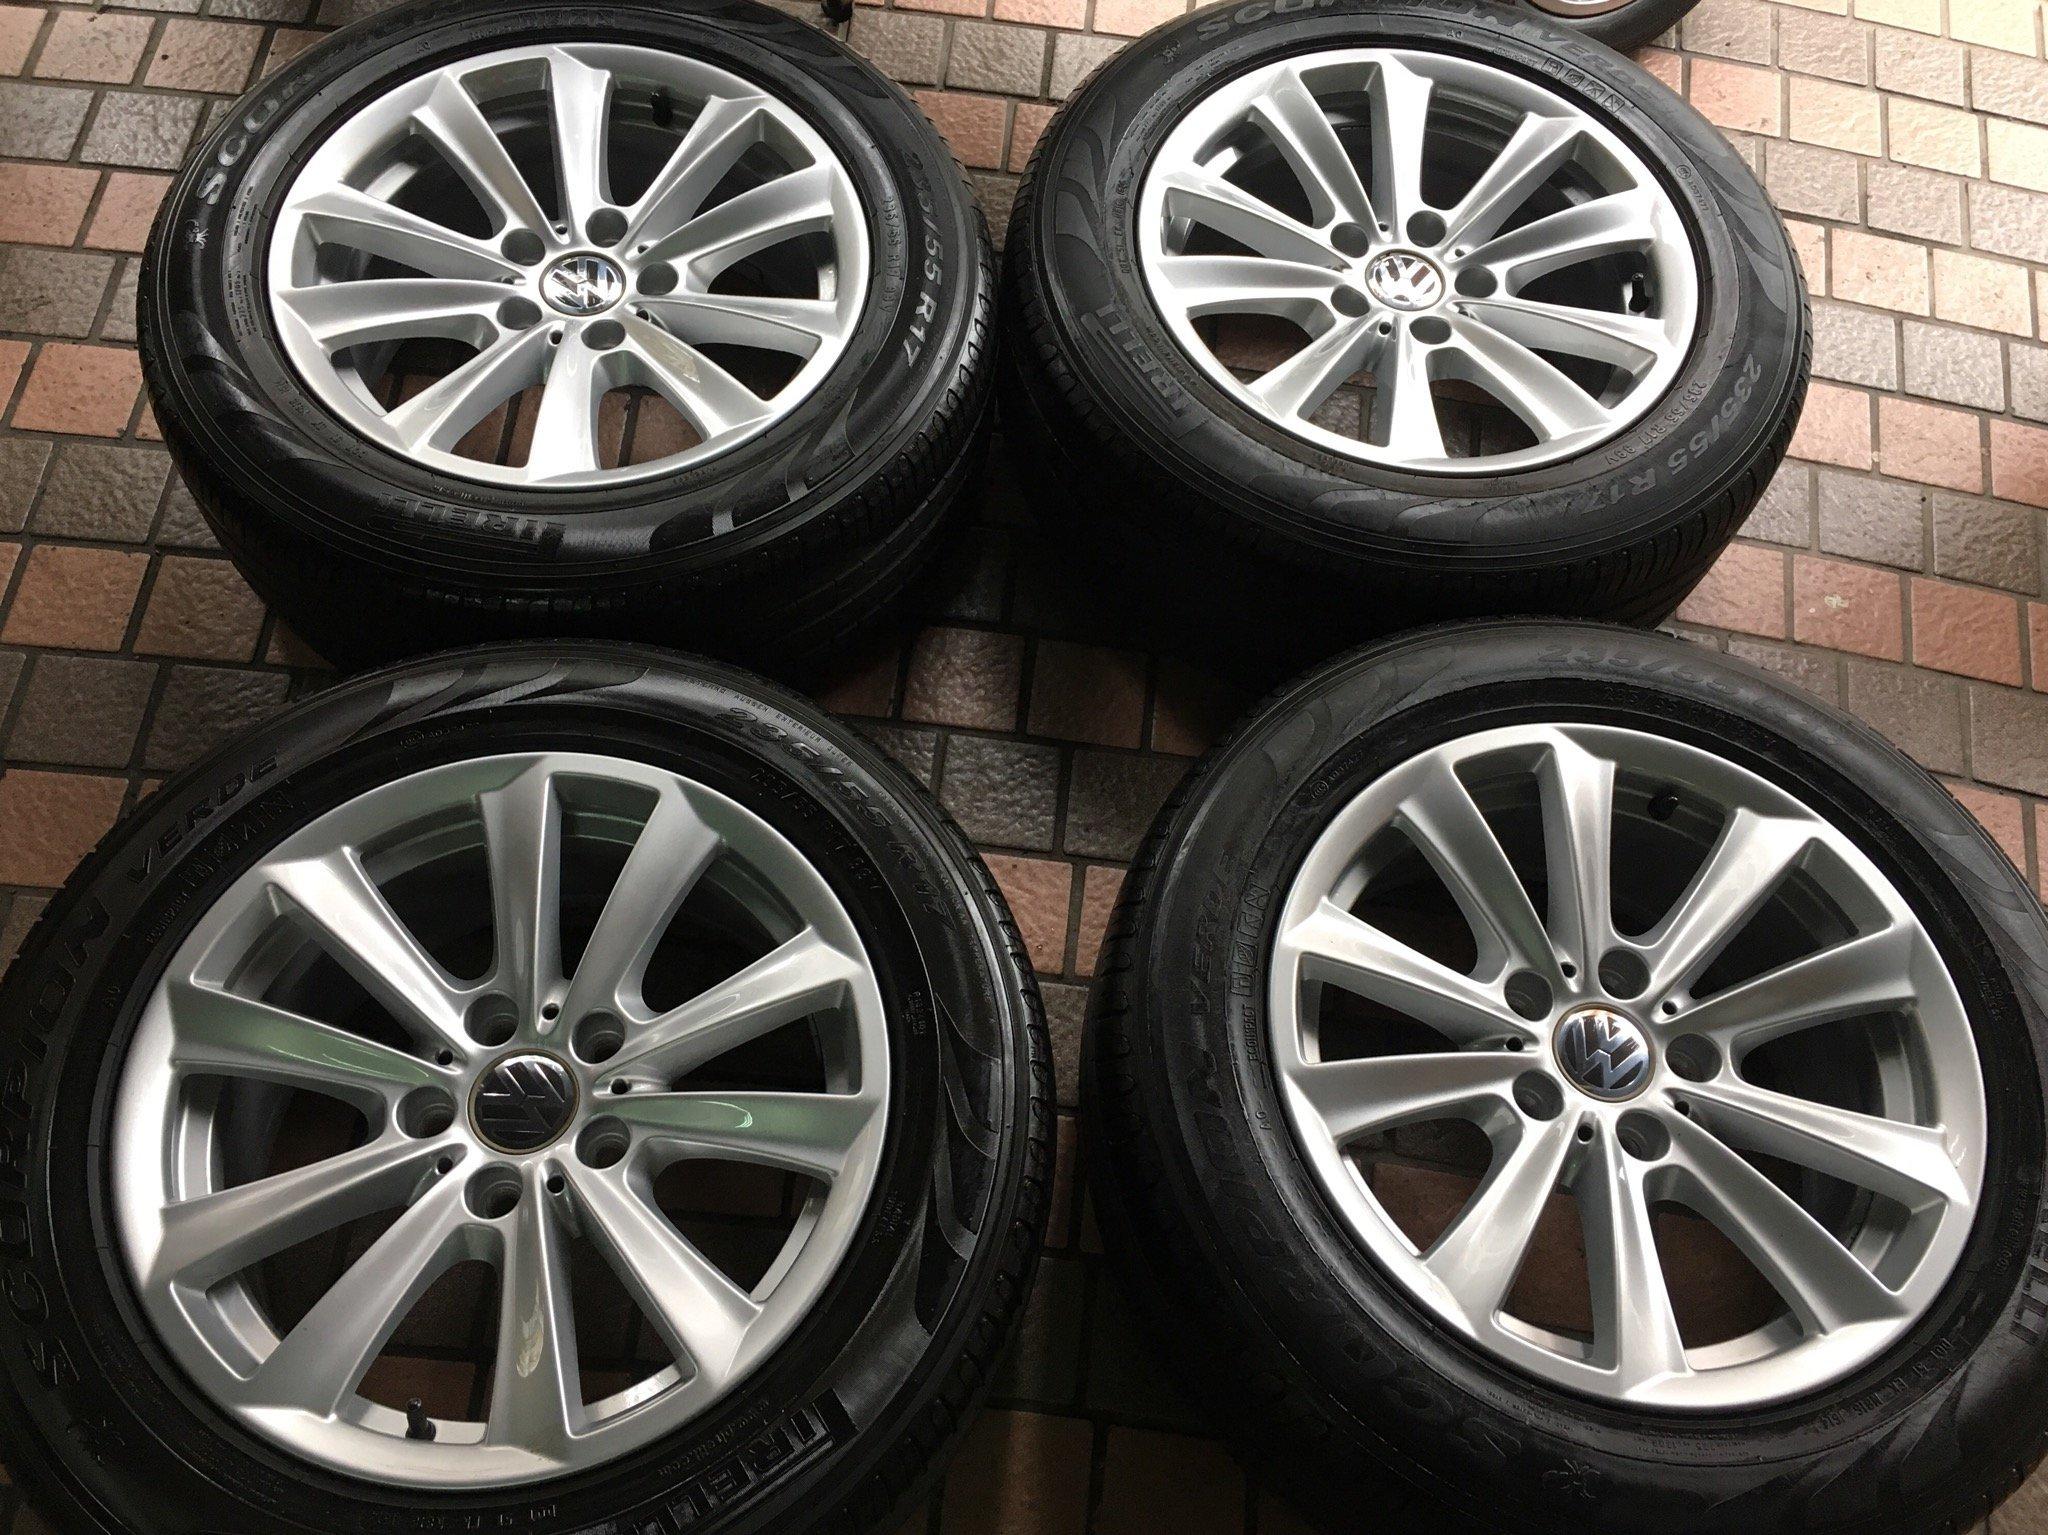 BMW 原廠17吋鋁圈含胎 E36 E46 E90 E87 F30 F10 E34 E39 福斯 VW t5 T6